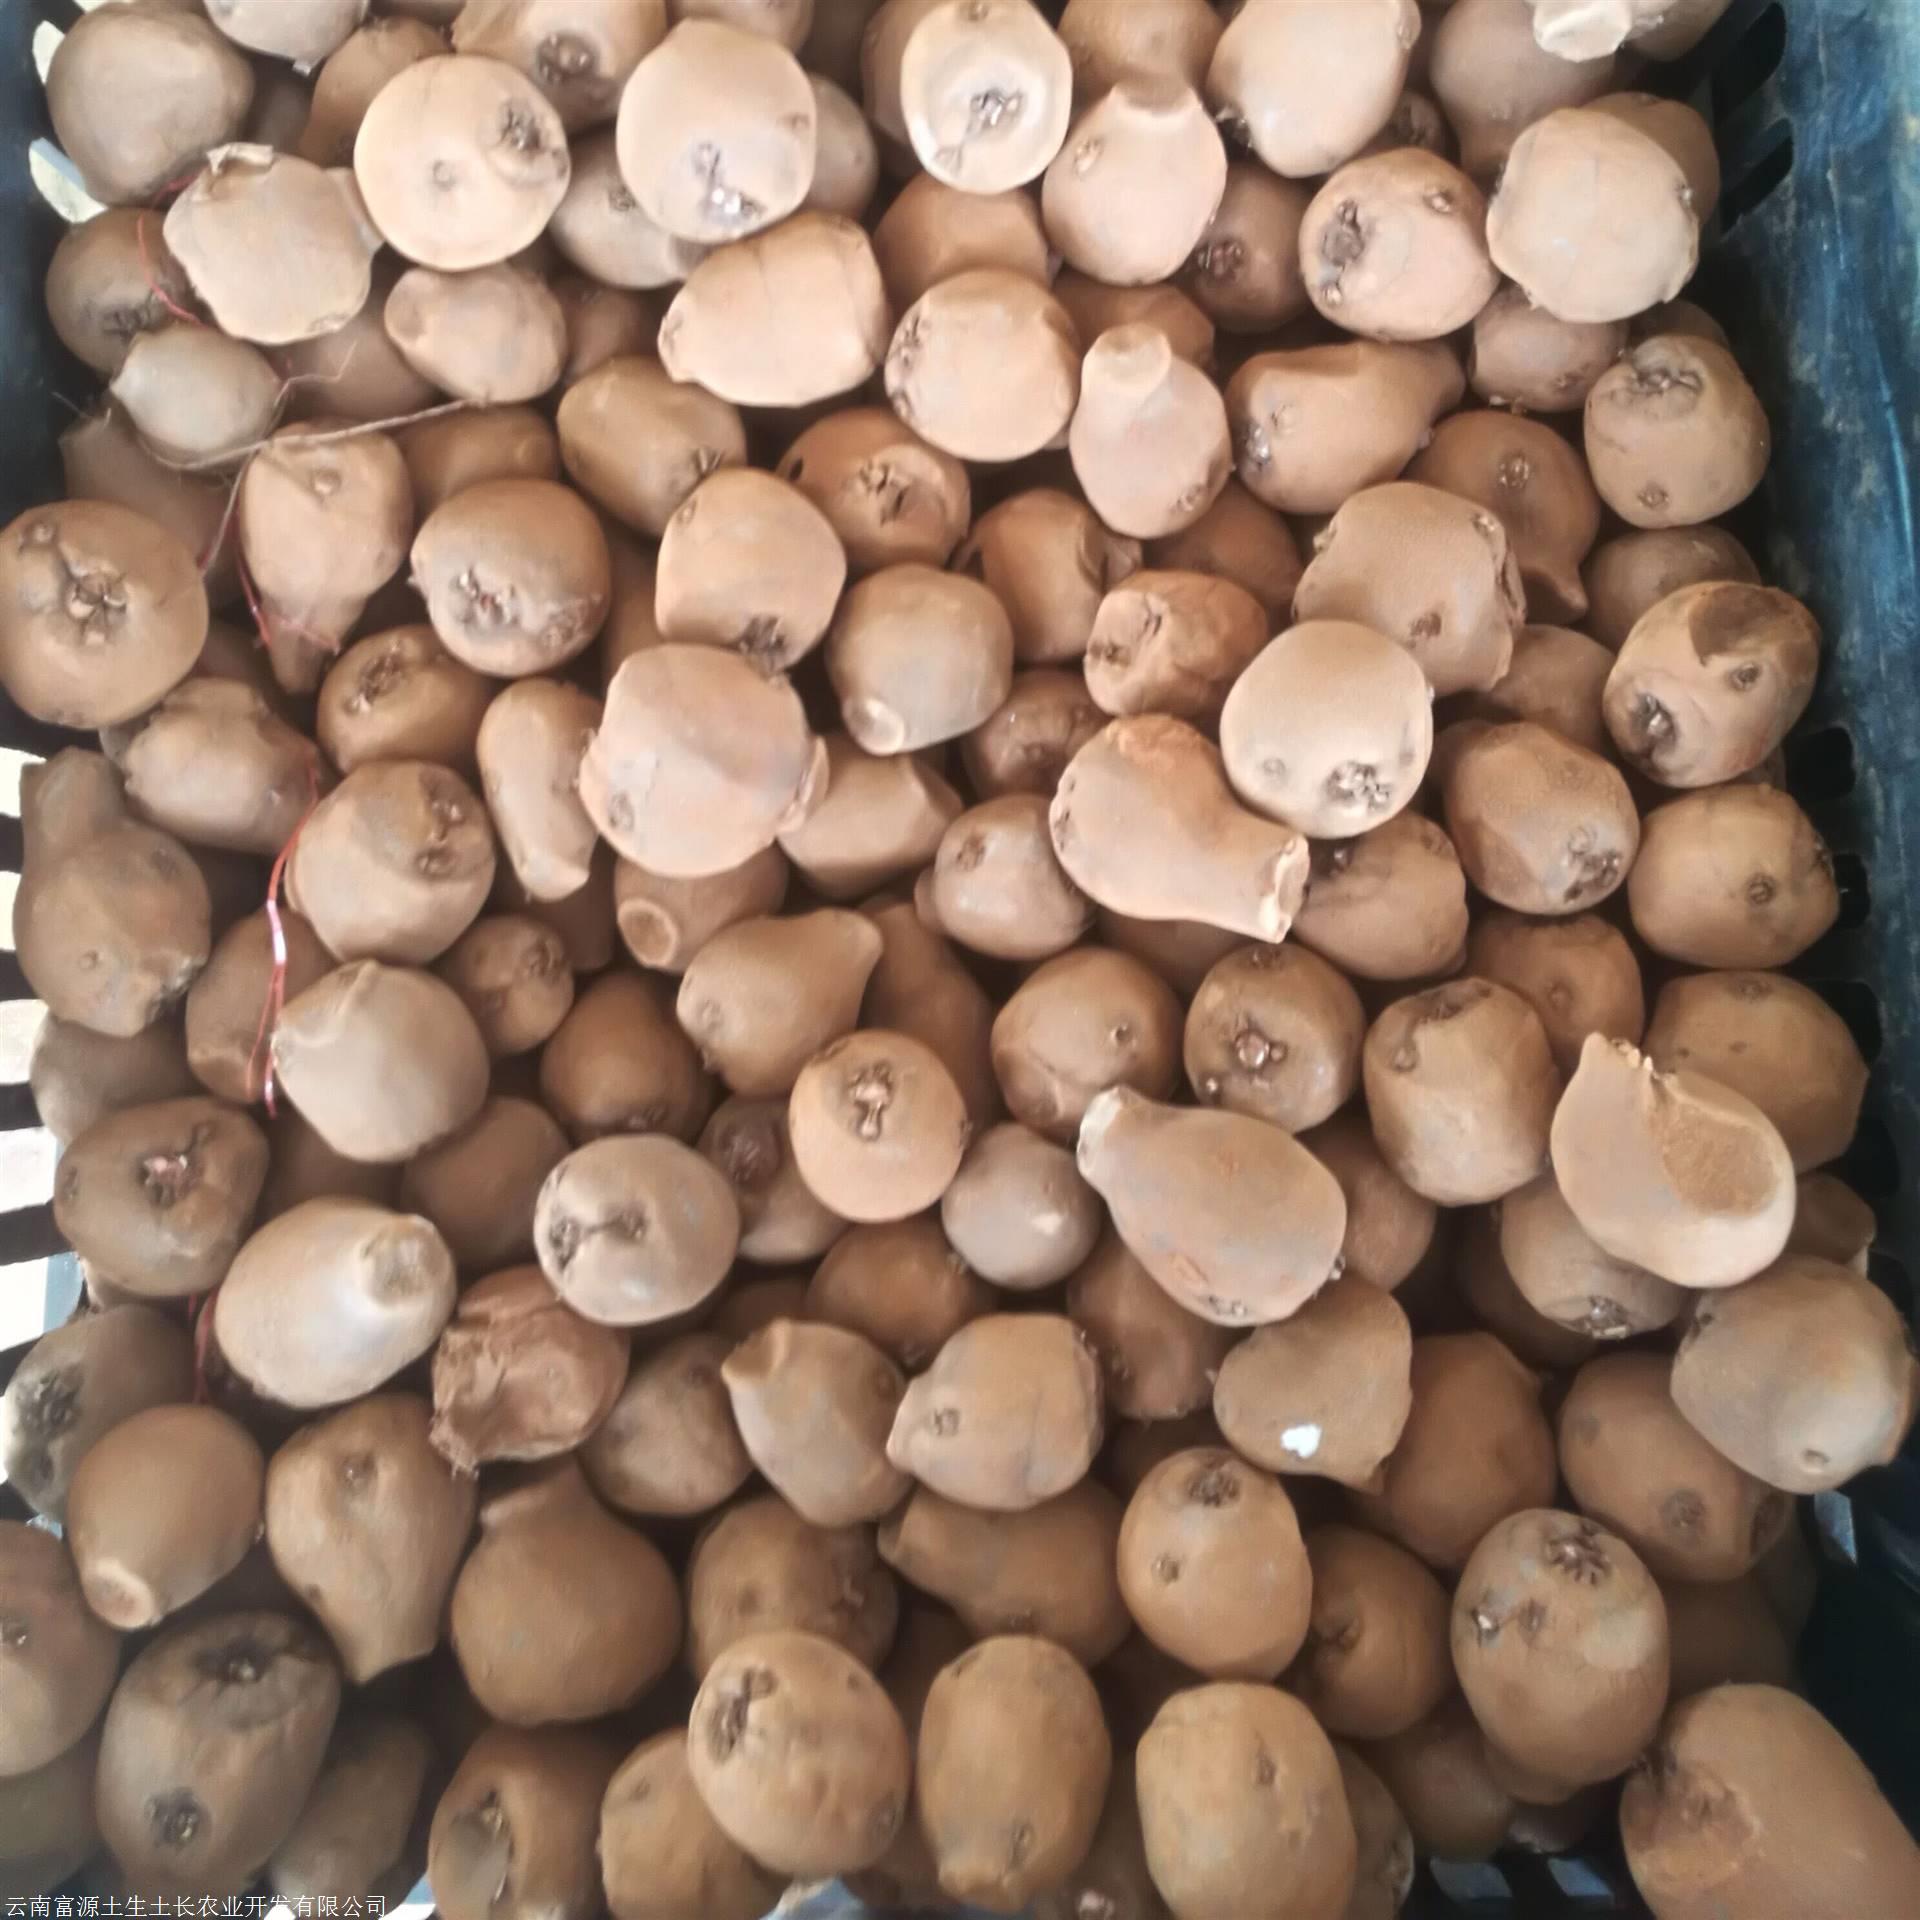 魔芋种子_云南文山魔芋种子销售 花魔芋种子批发